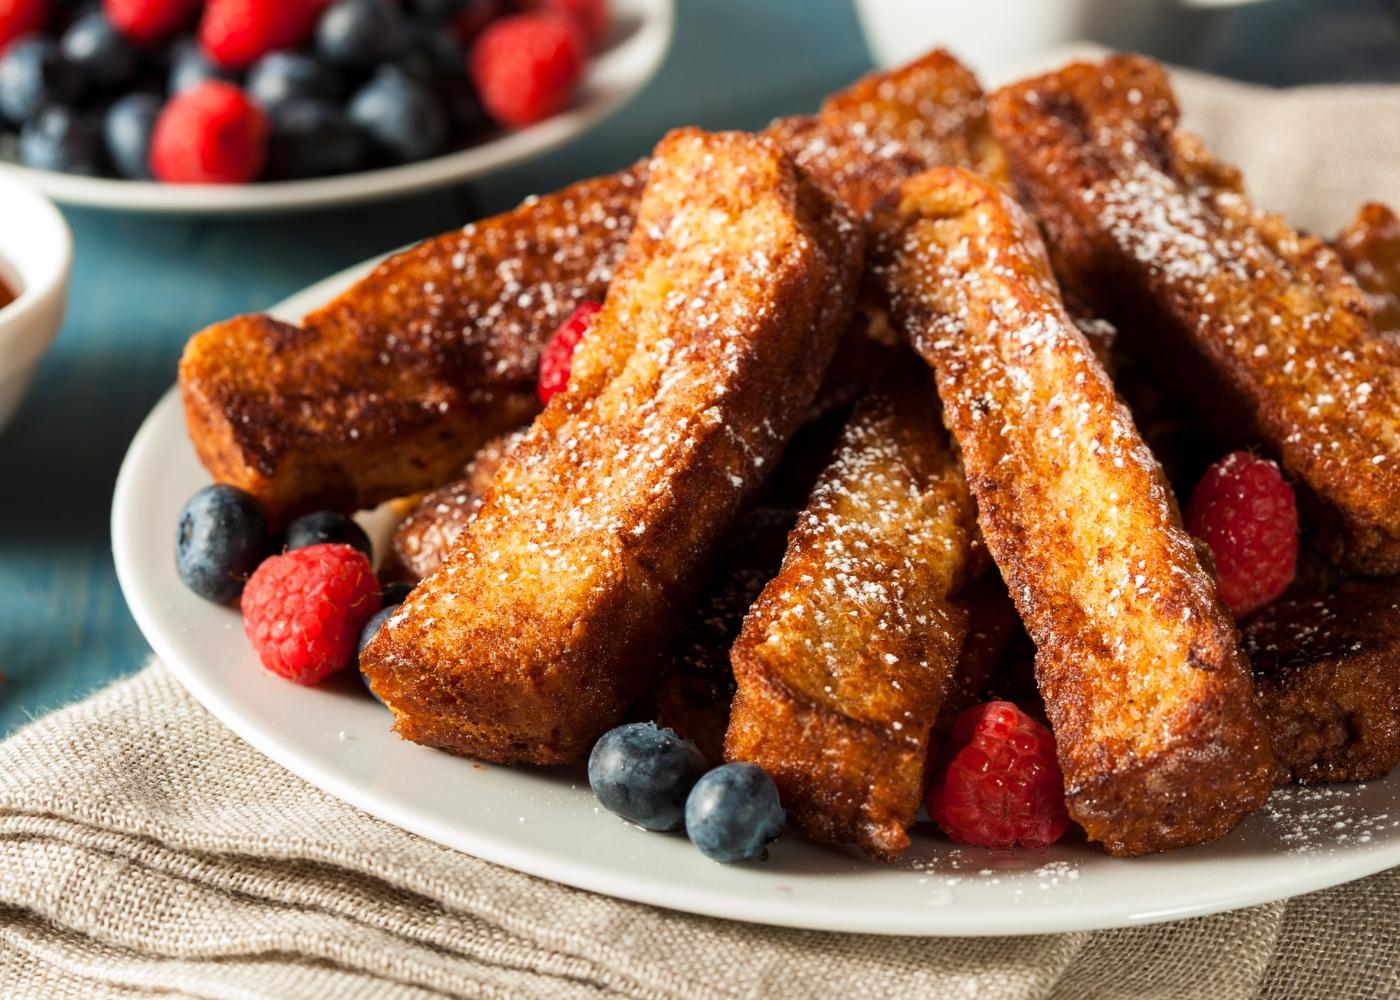 rabanadas de pão de aveia sem glúten com frutos vermelhos